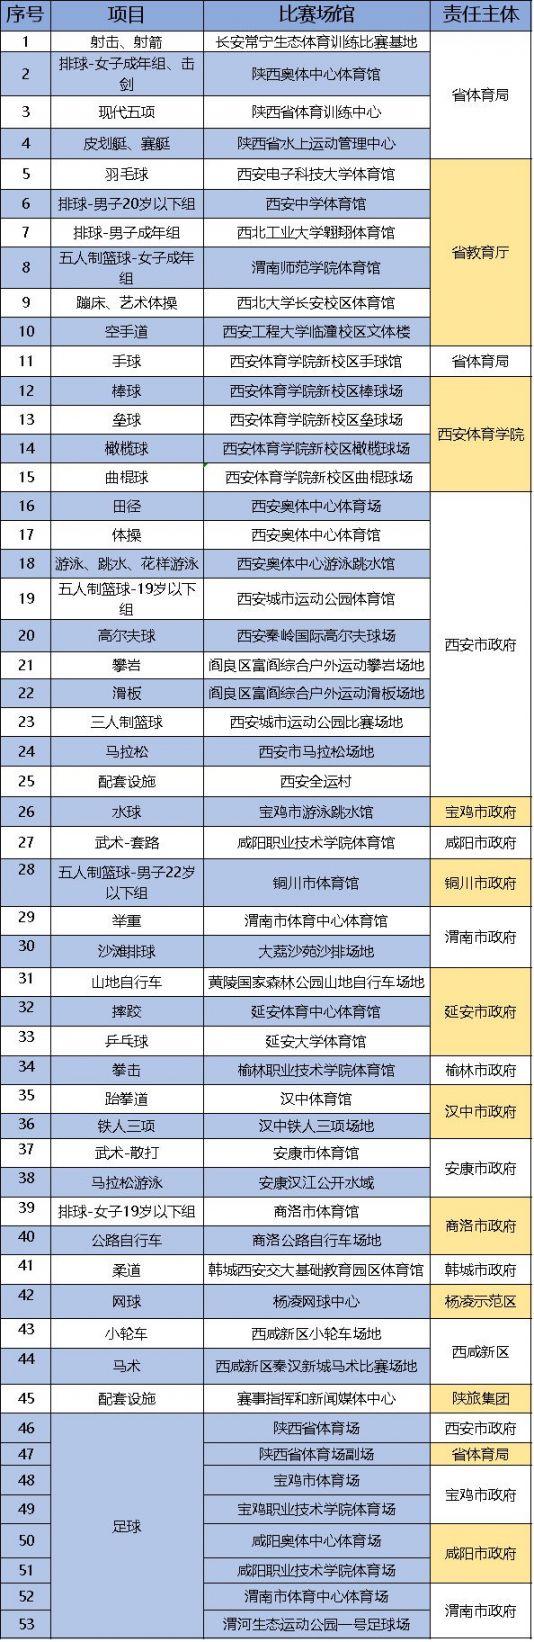 2021全运会在陕西举办多长时间